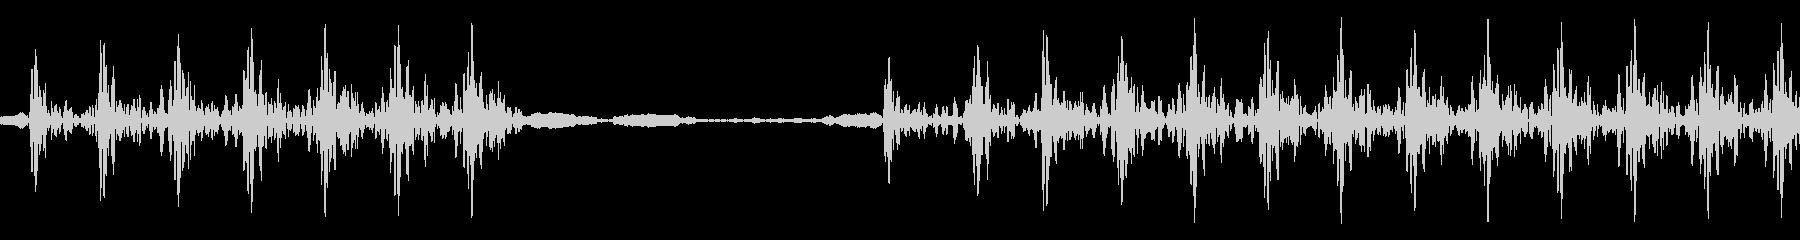 不正解音の未再生の波形